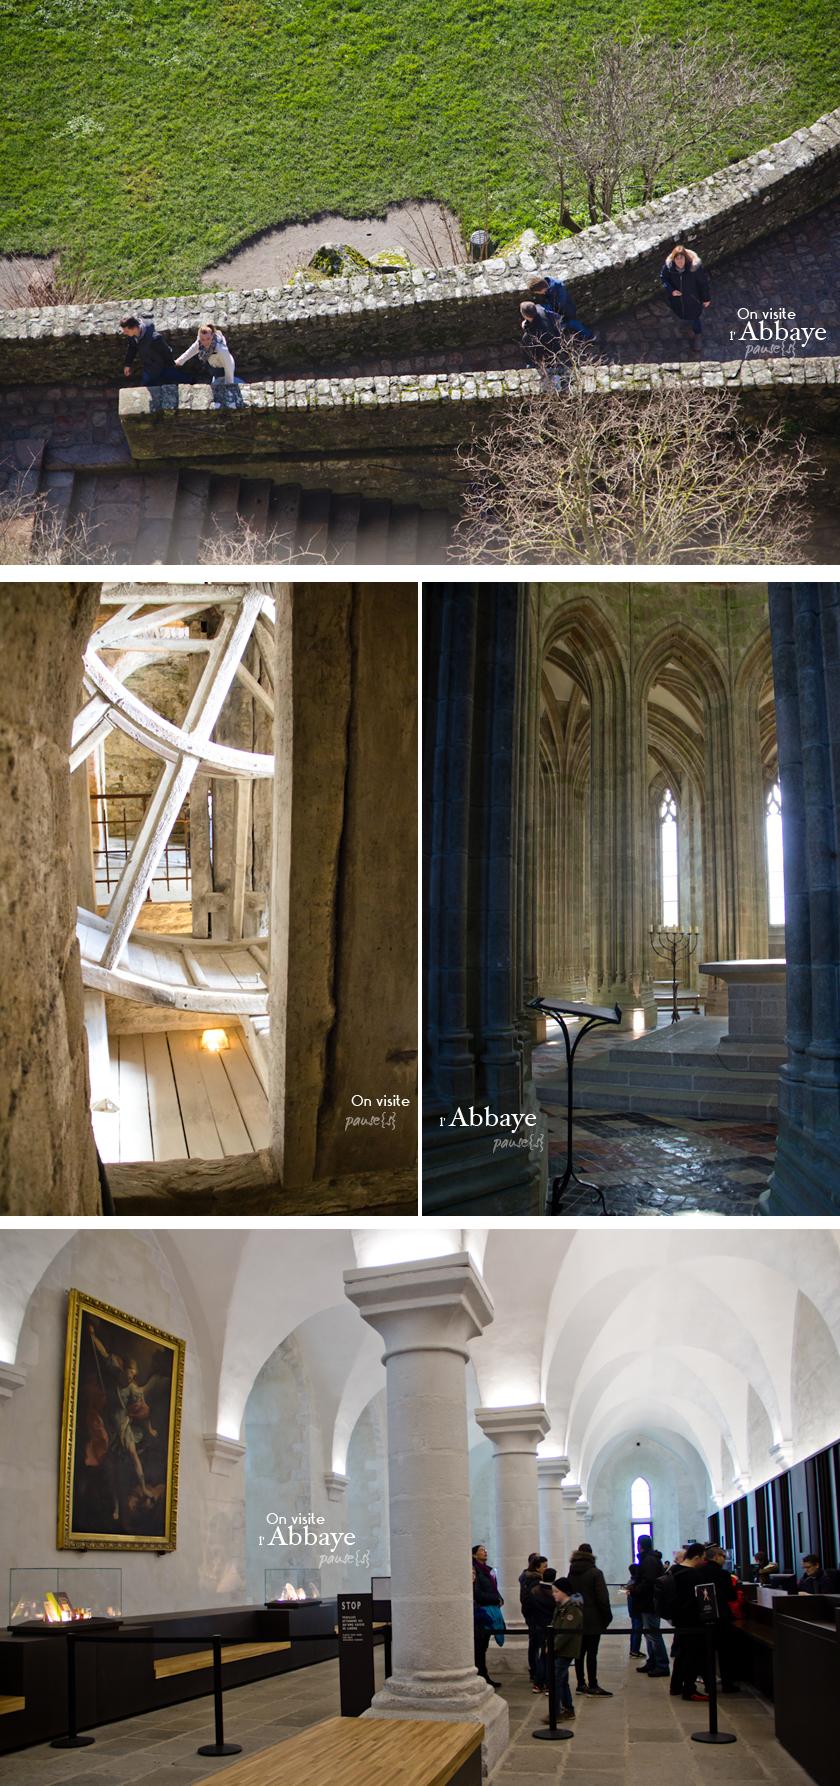 abbaye-6